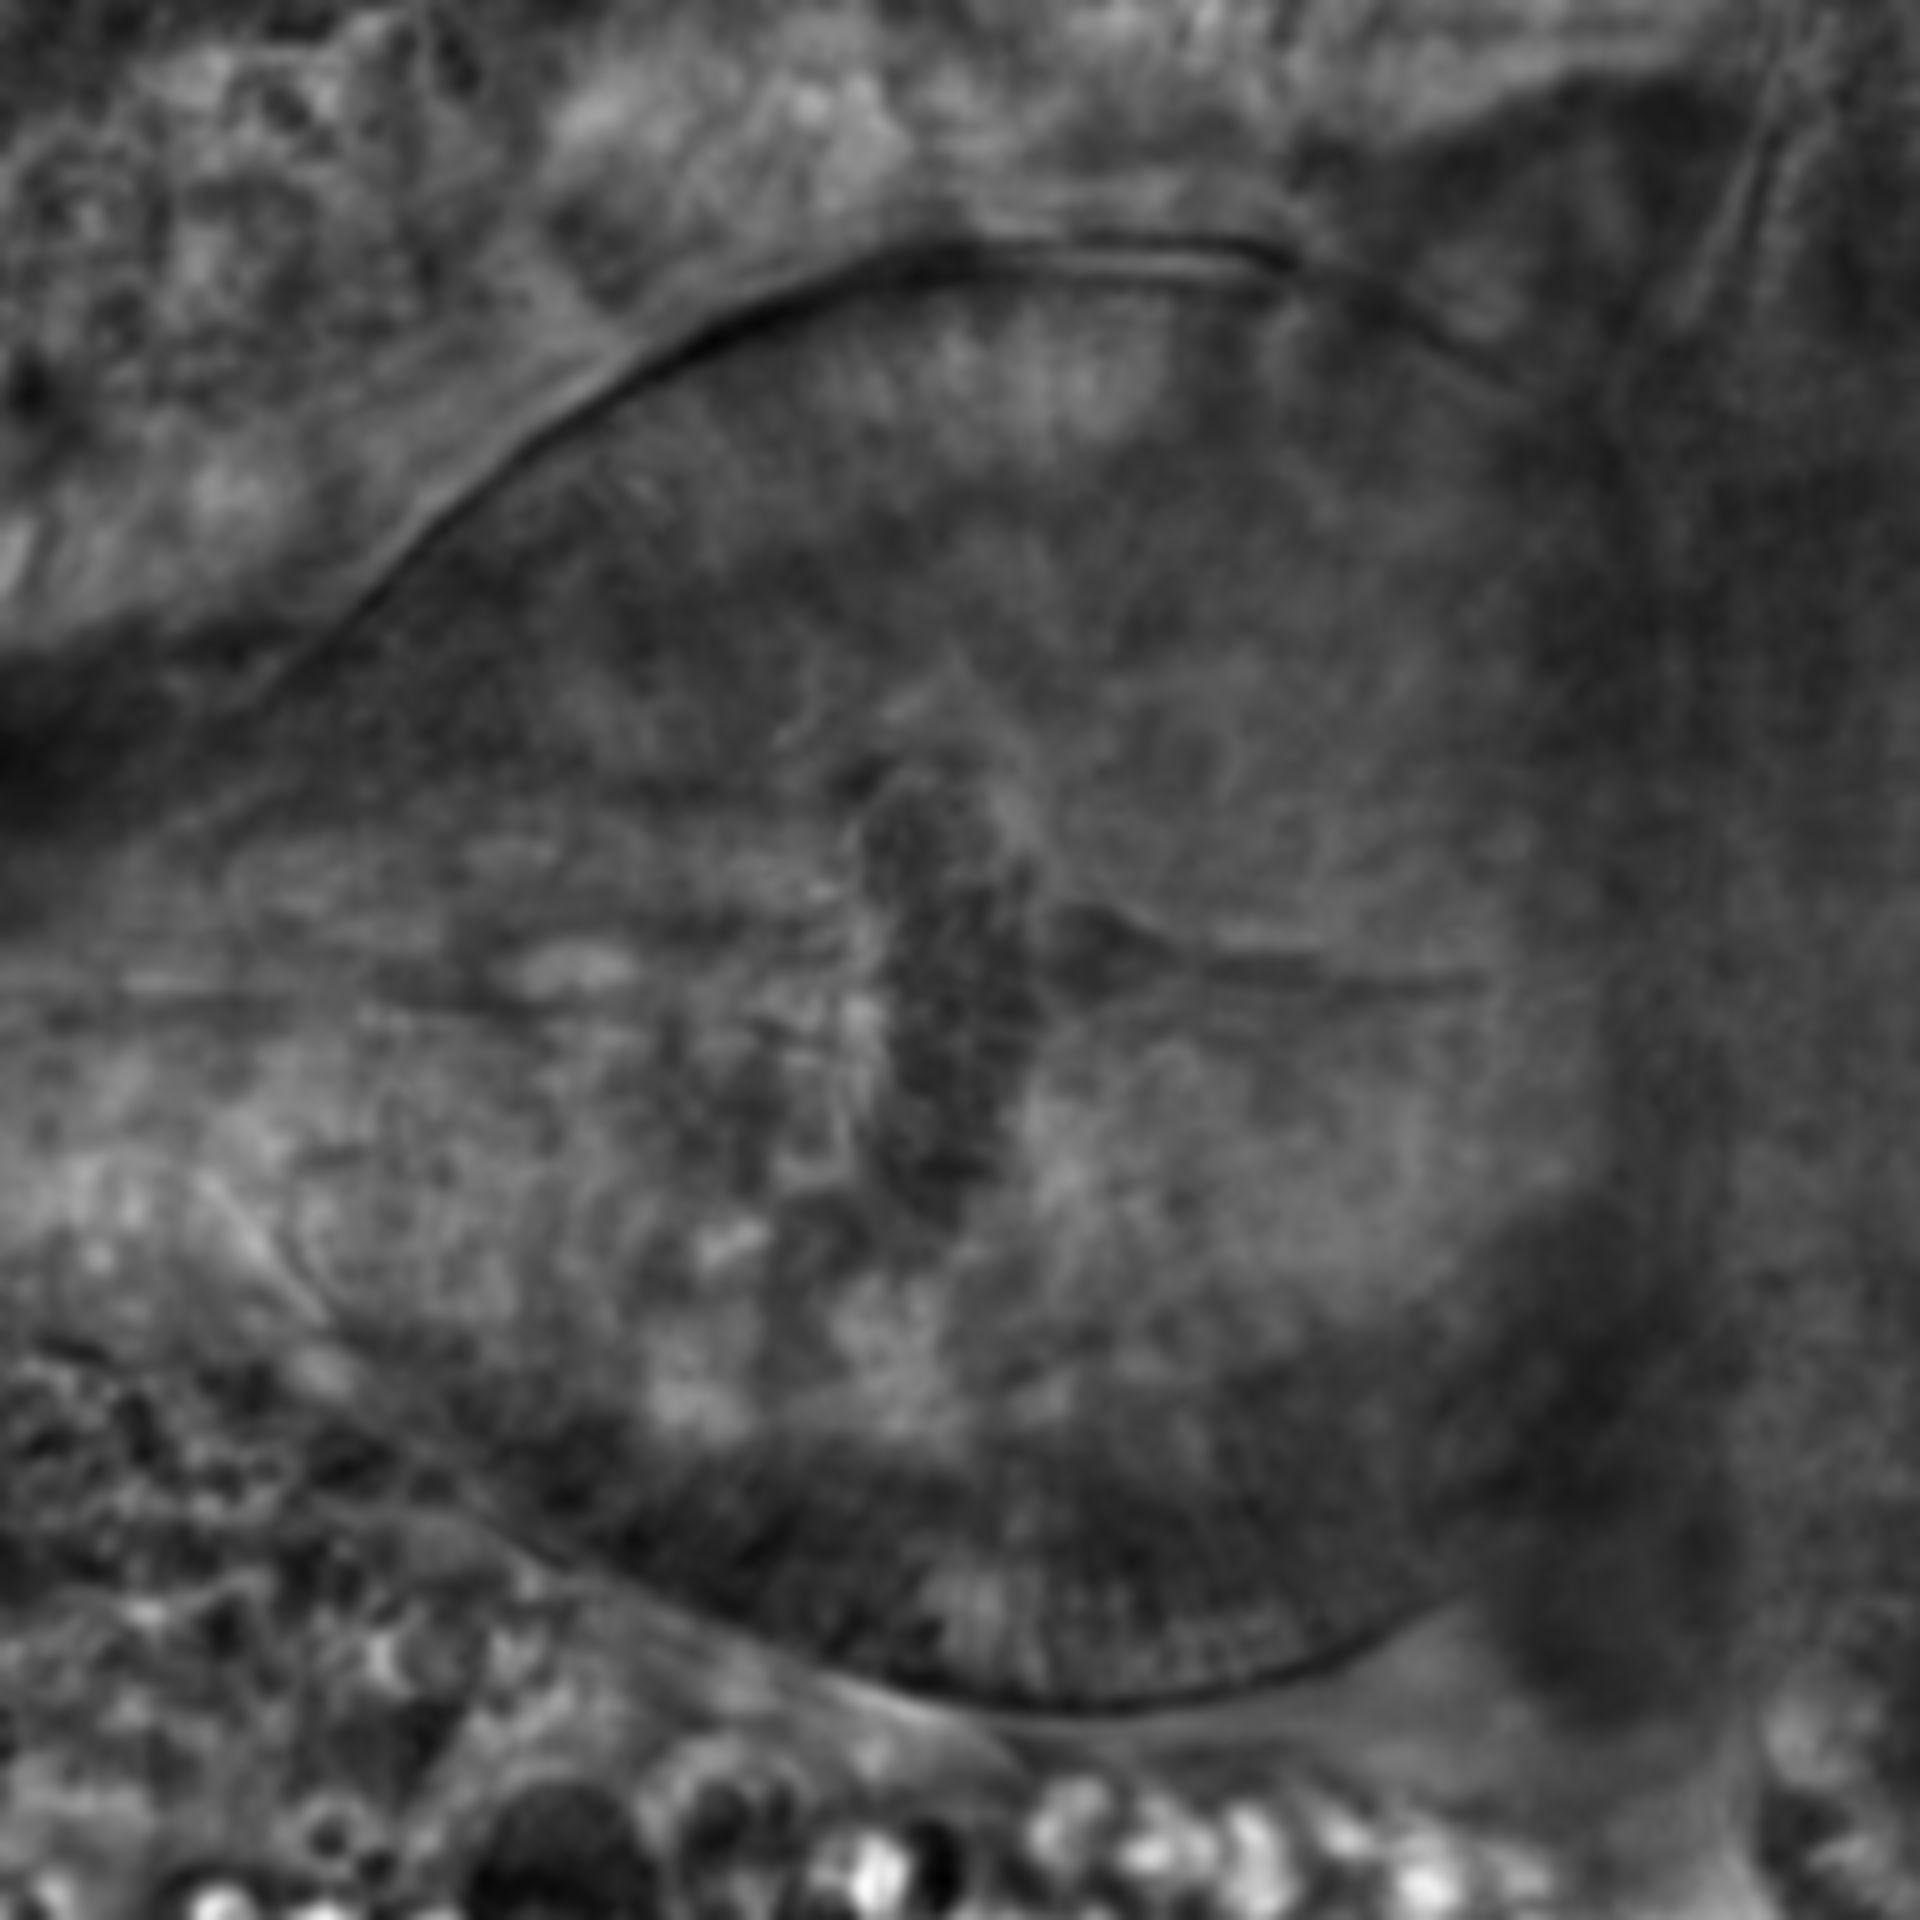 Caenorhabditis elegans - CIL:2147